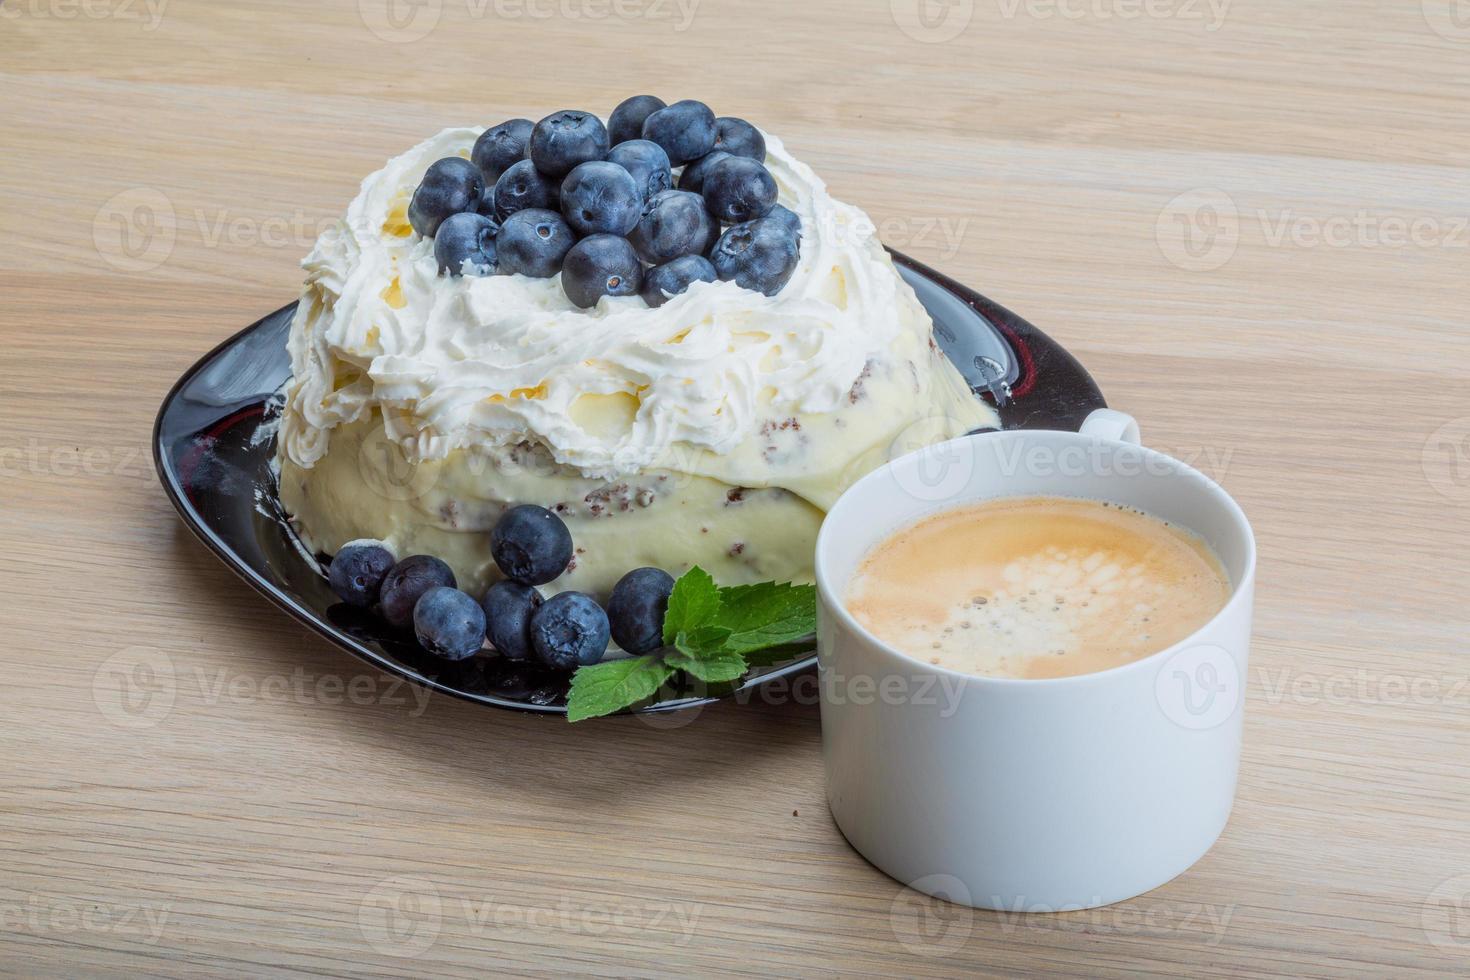 café con tarta de arándanos foto